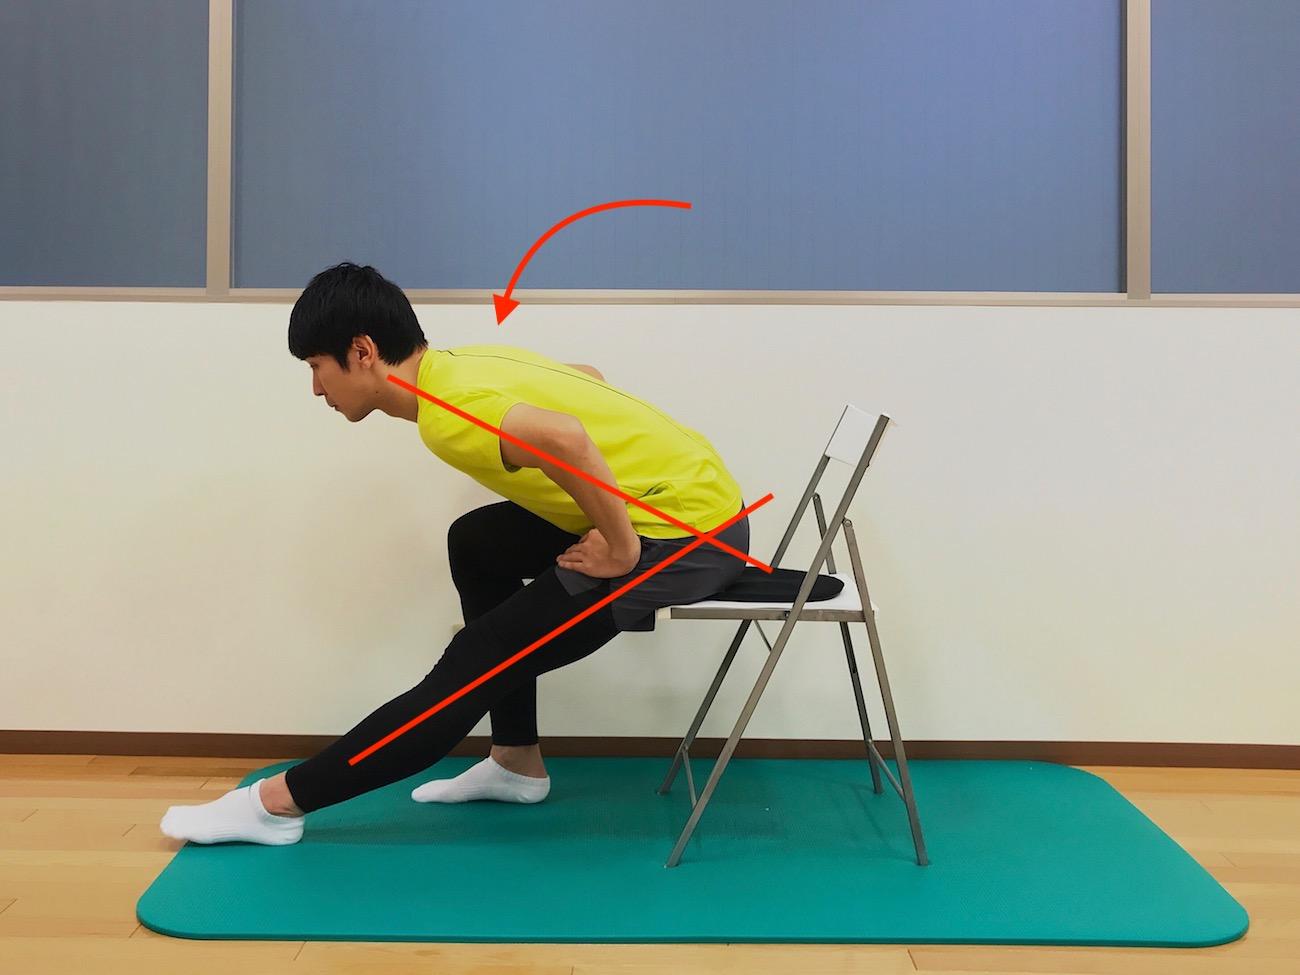 椅子に座った姿勢で行うハムストリングスのストレッチの方法